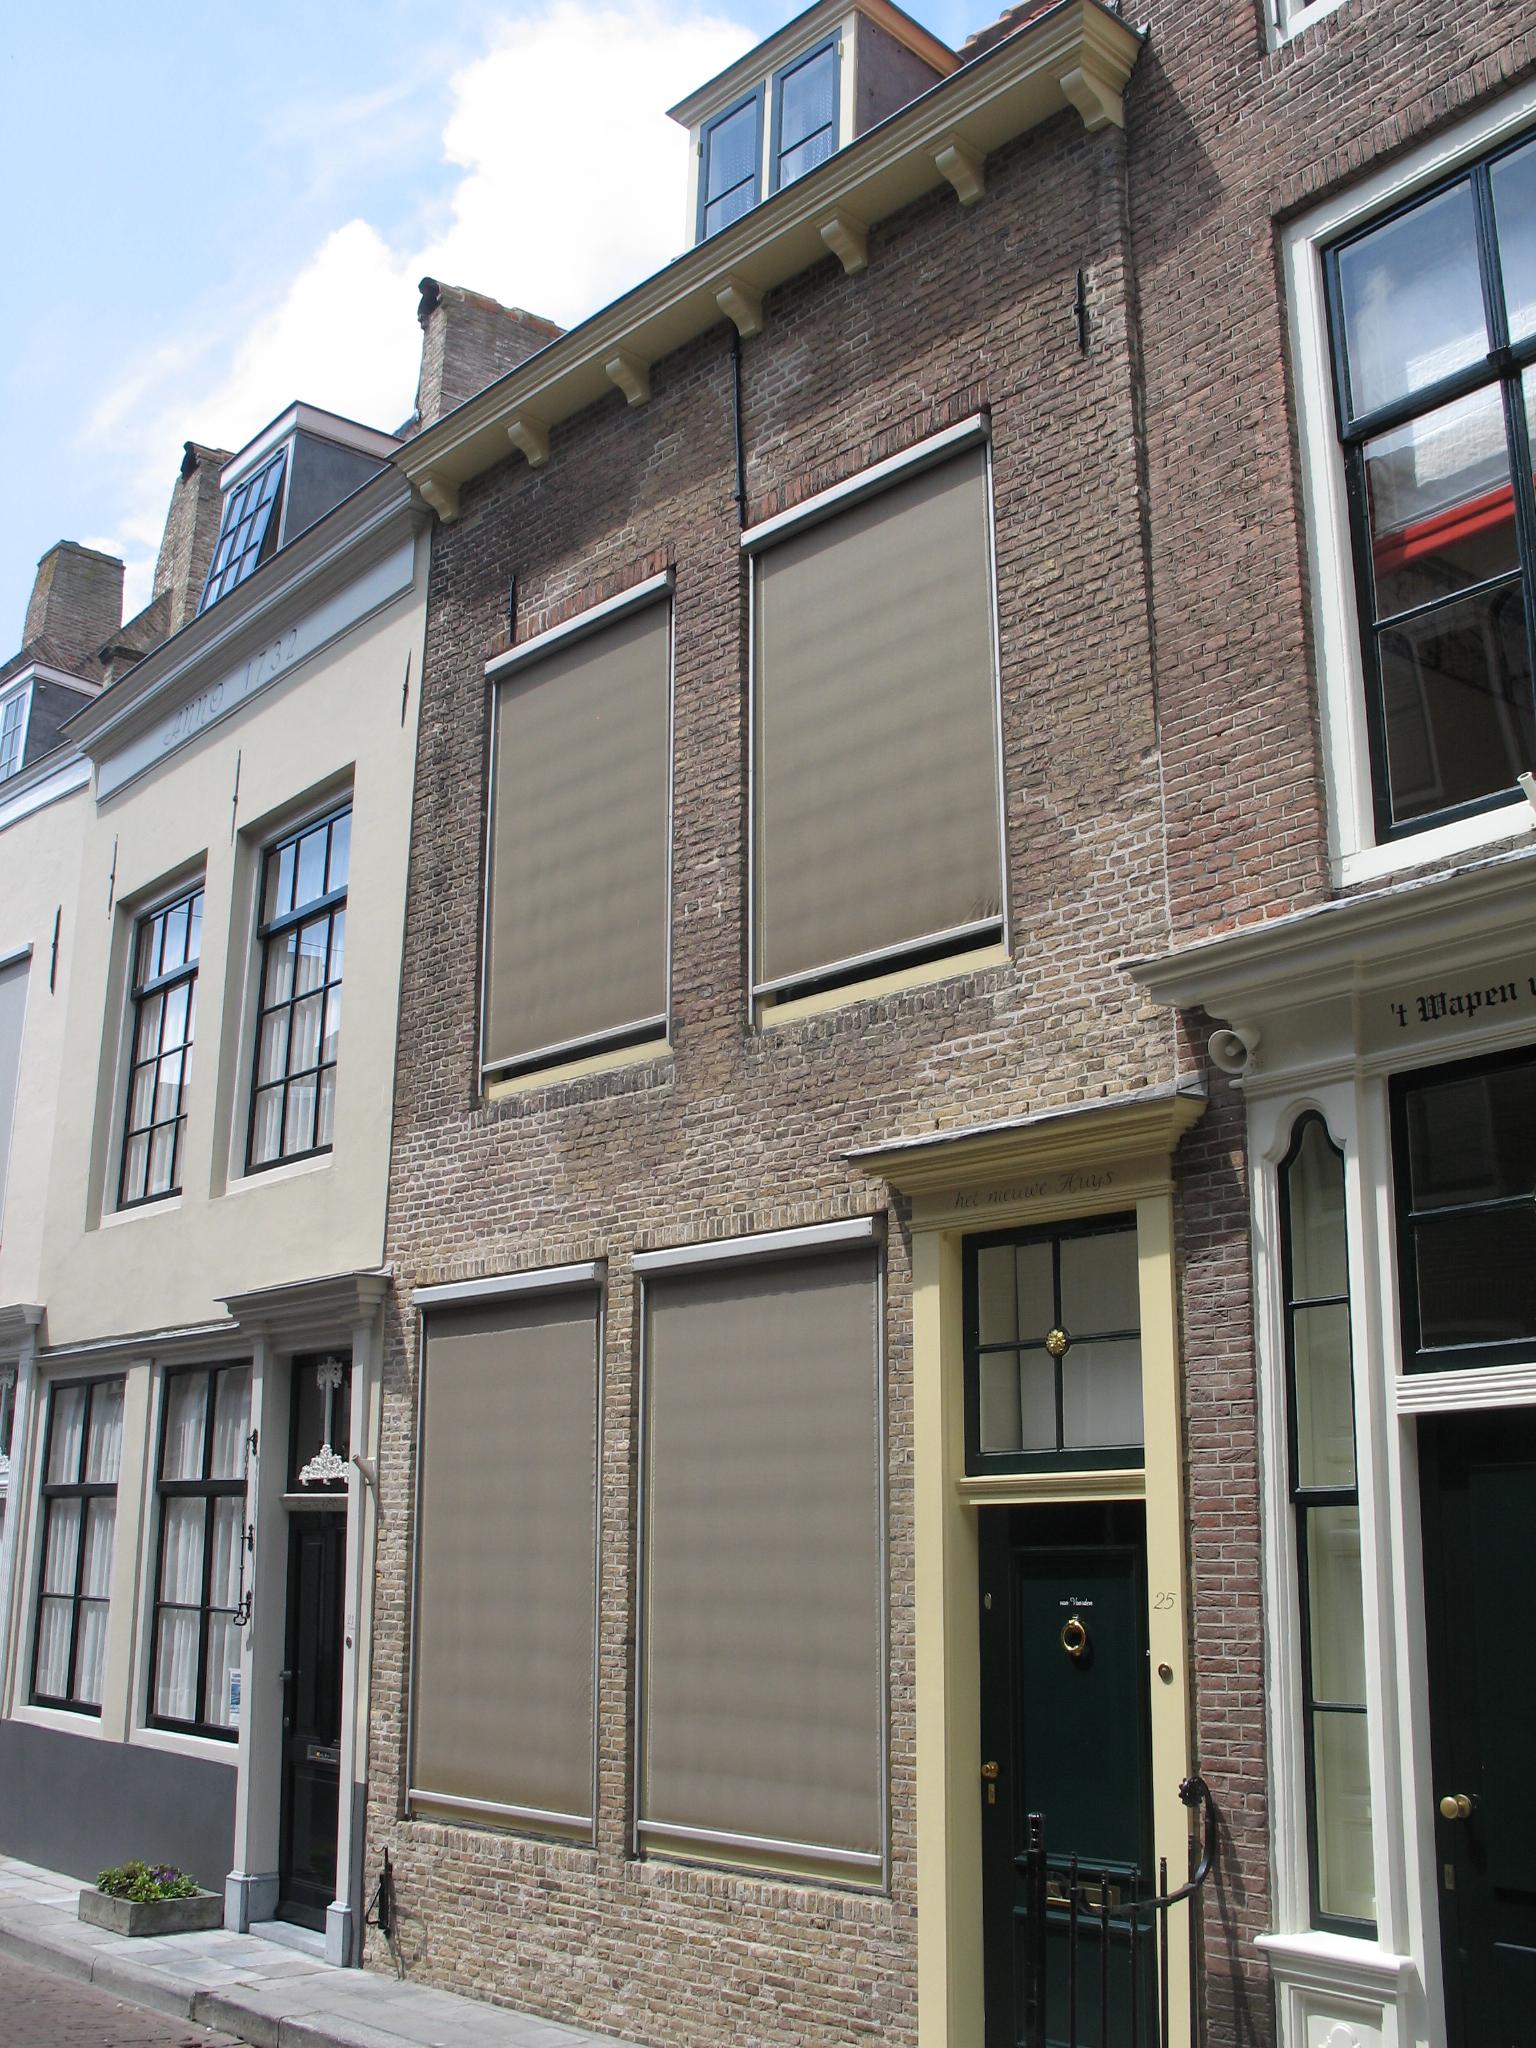 Huis met rechte gevel en gootlijst op klosjes in middelburg monument - Huis gevel ...